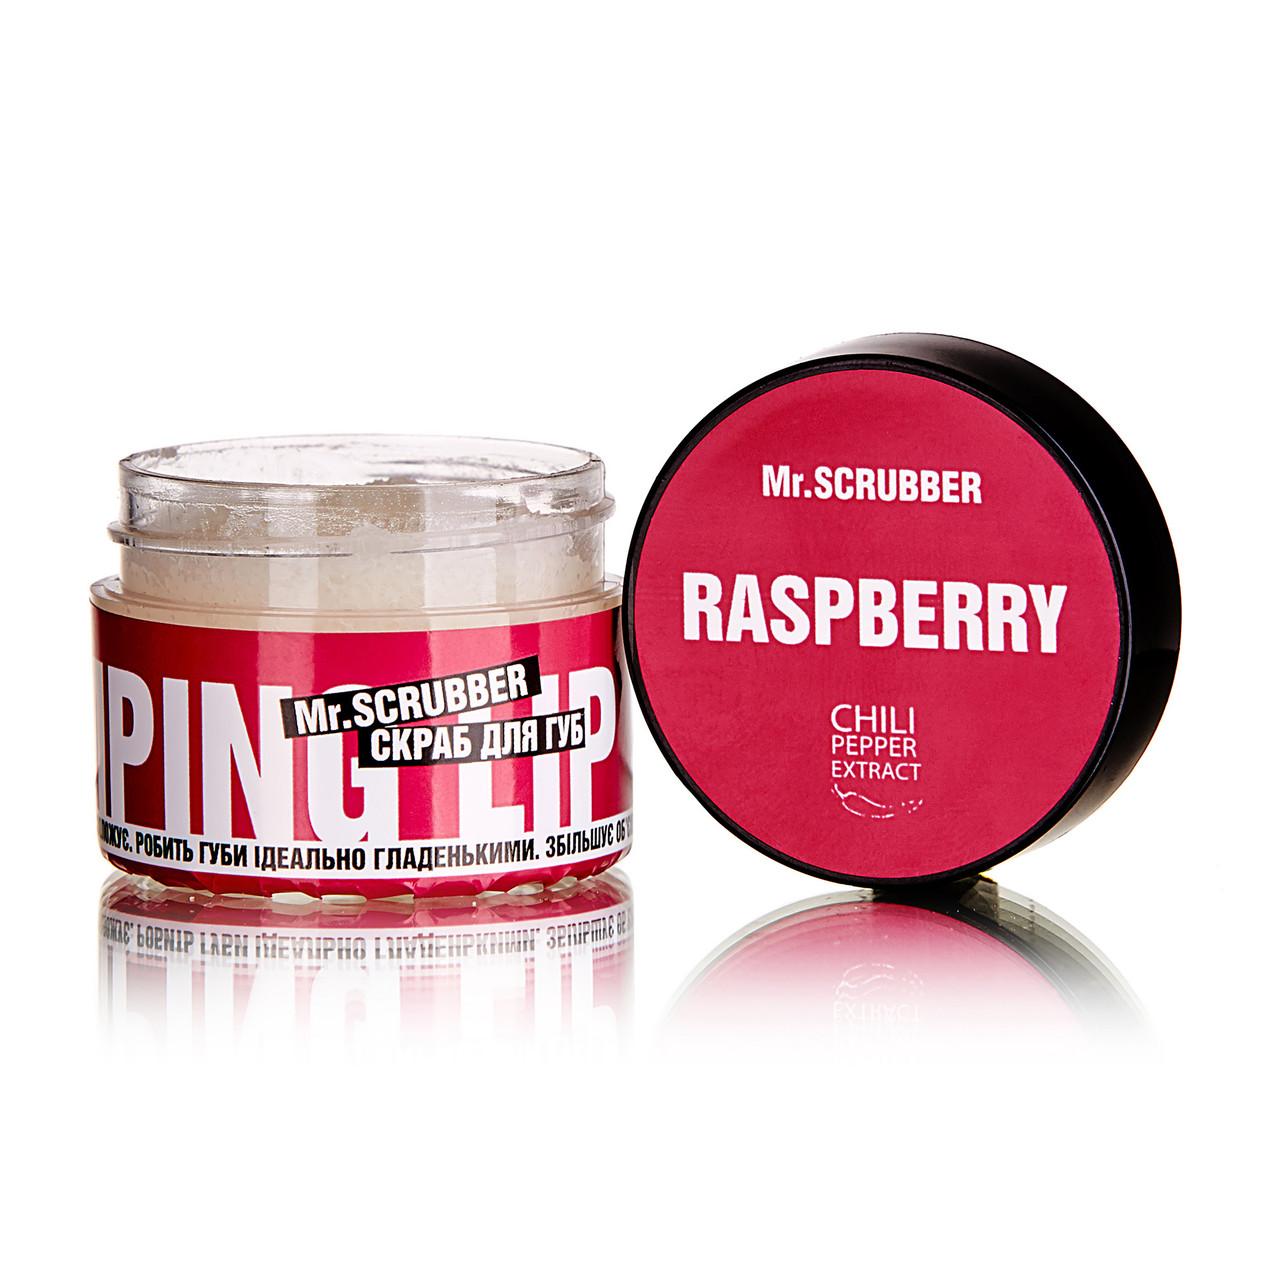 Скраб для губ Mr. Scrubber Wow Lips Raspberry 35 мл